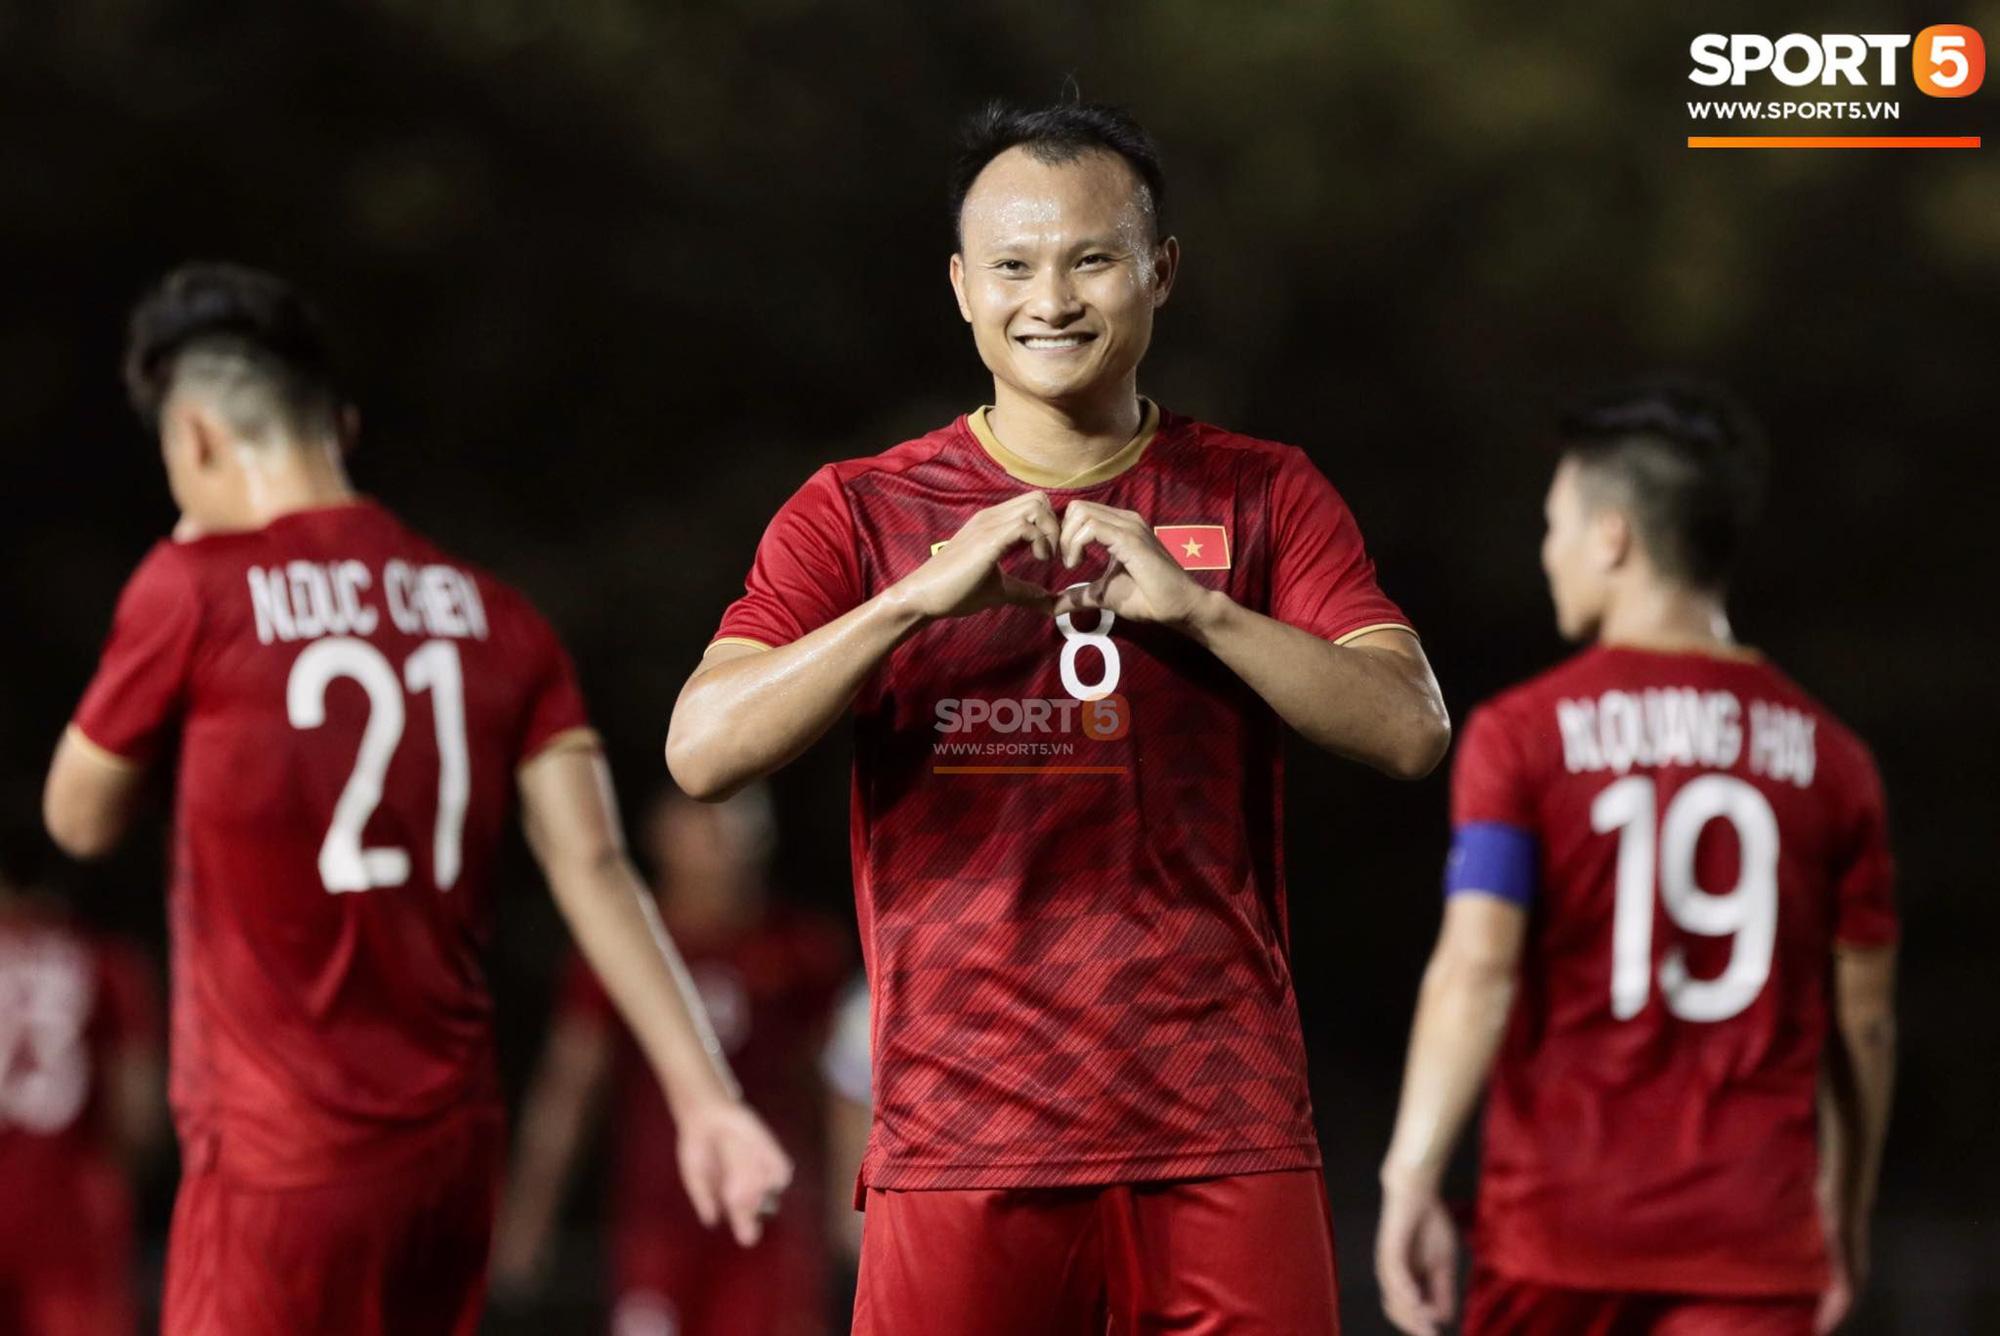 7 tuyển thủ Việt Nam ít anti-fan nhất: Tuấn Anh số 2, đứng đầu là huyền thoại có biệt danh công chúa - Ảnh 5.